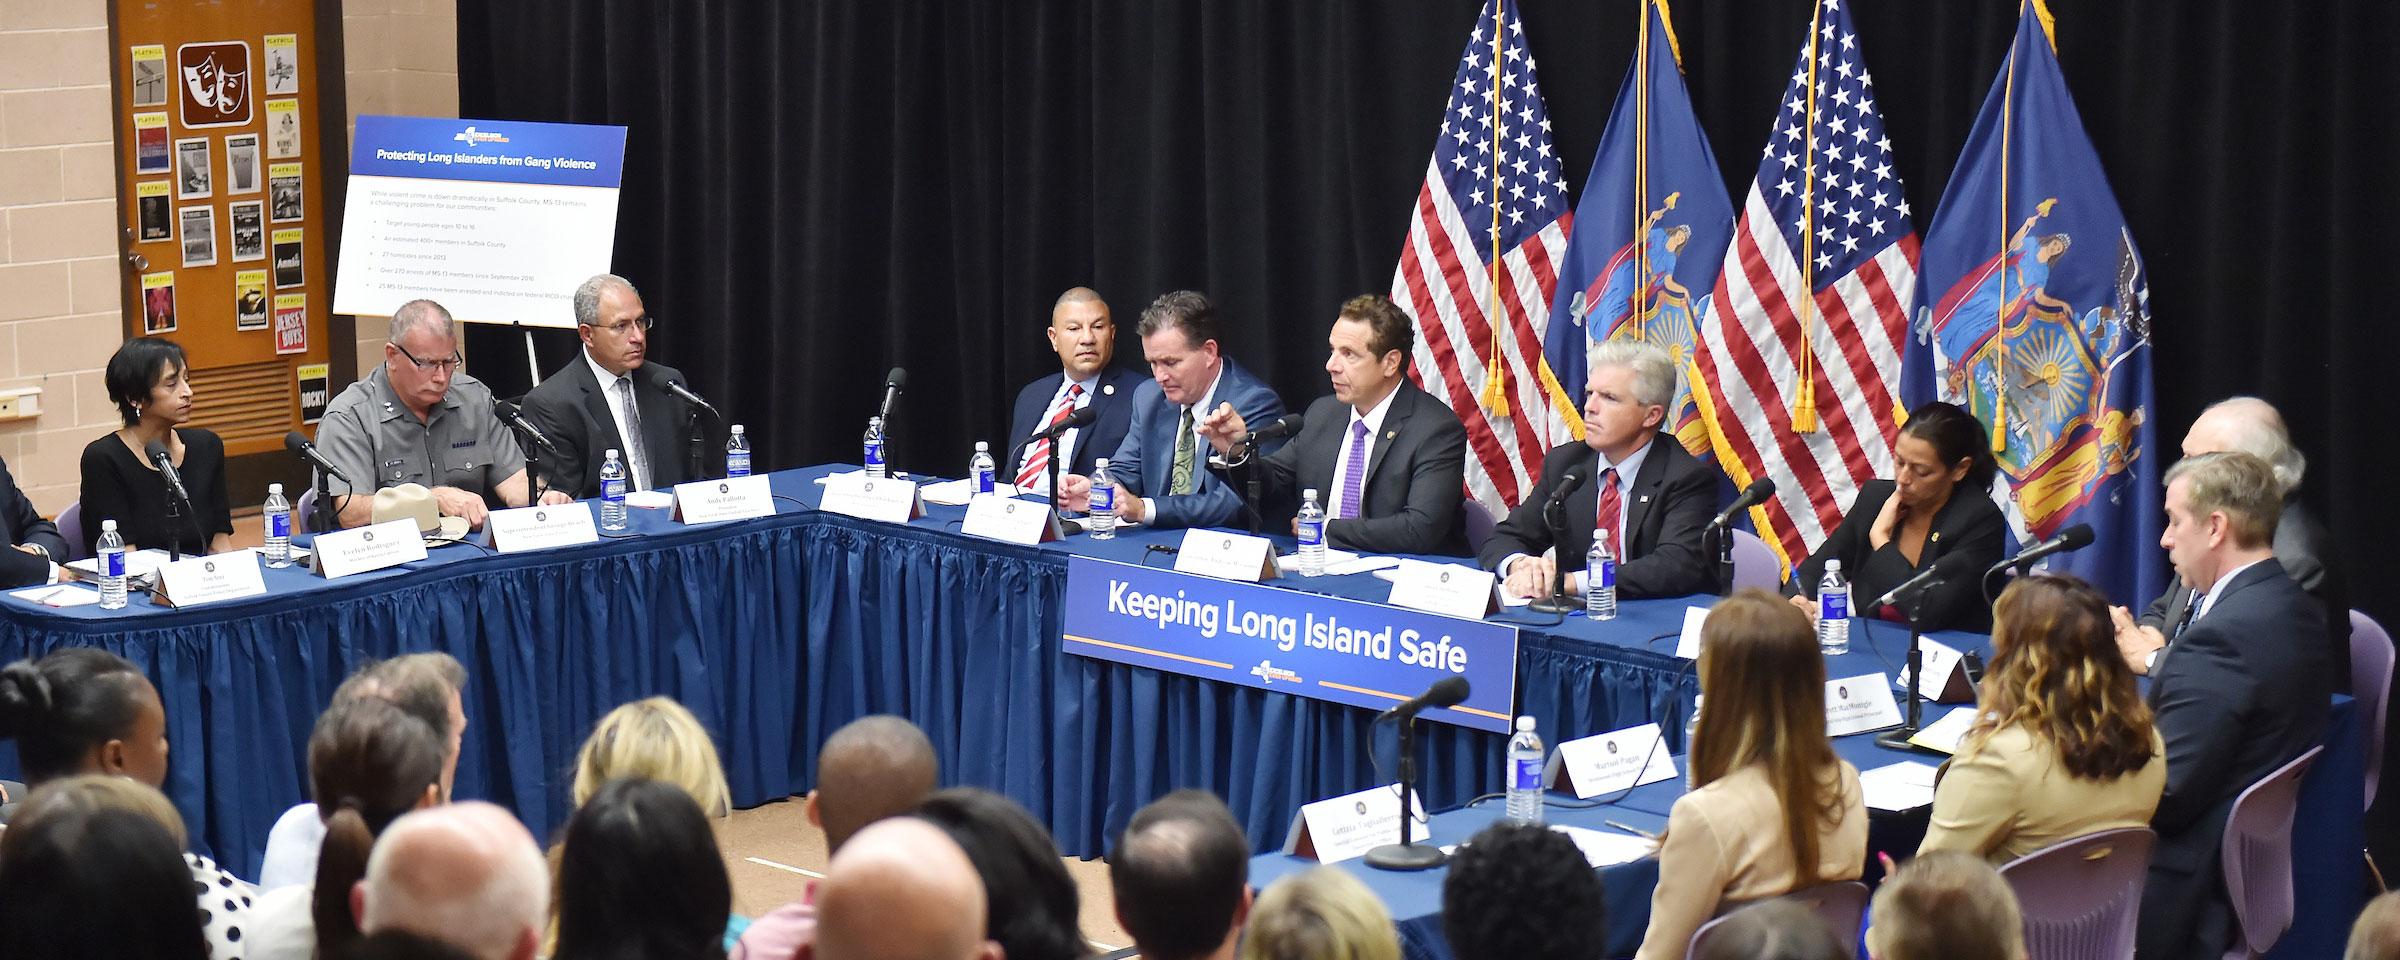 Governor Cuomo Deploys New Gang Violence Prevention Unit